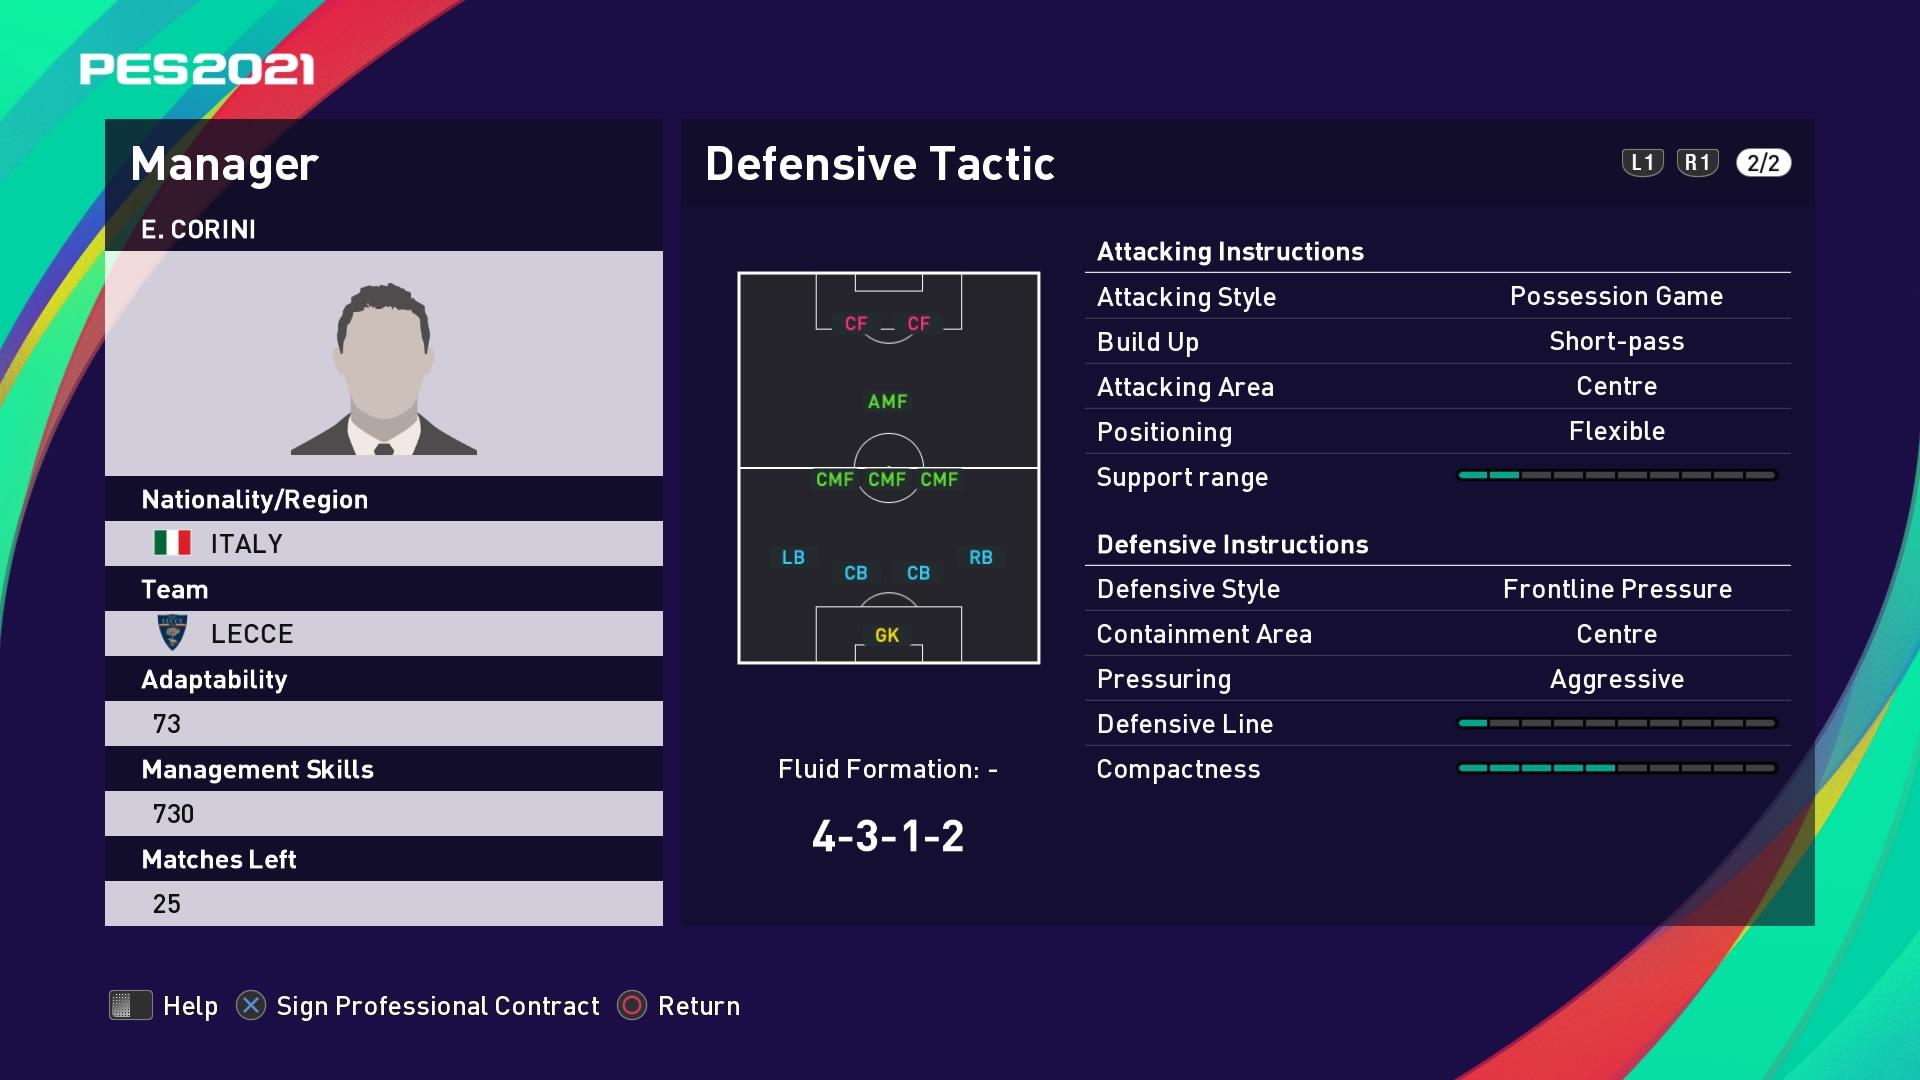 E. Corini (Eugenio Corini) Defensive Tactic in PES 2021 myClub